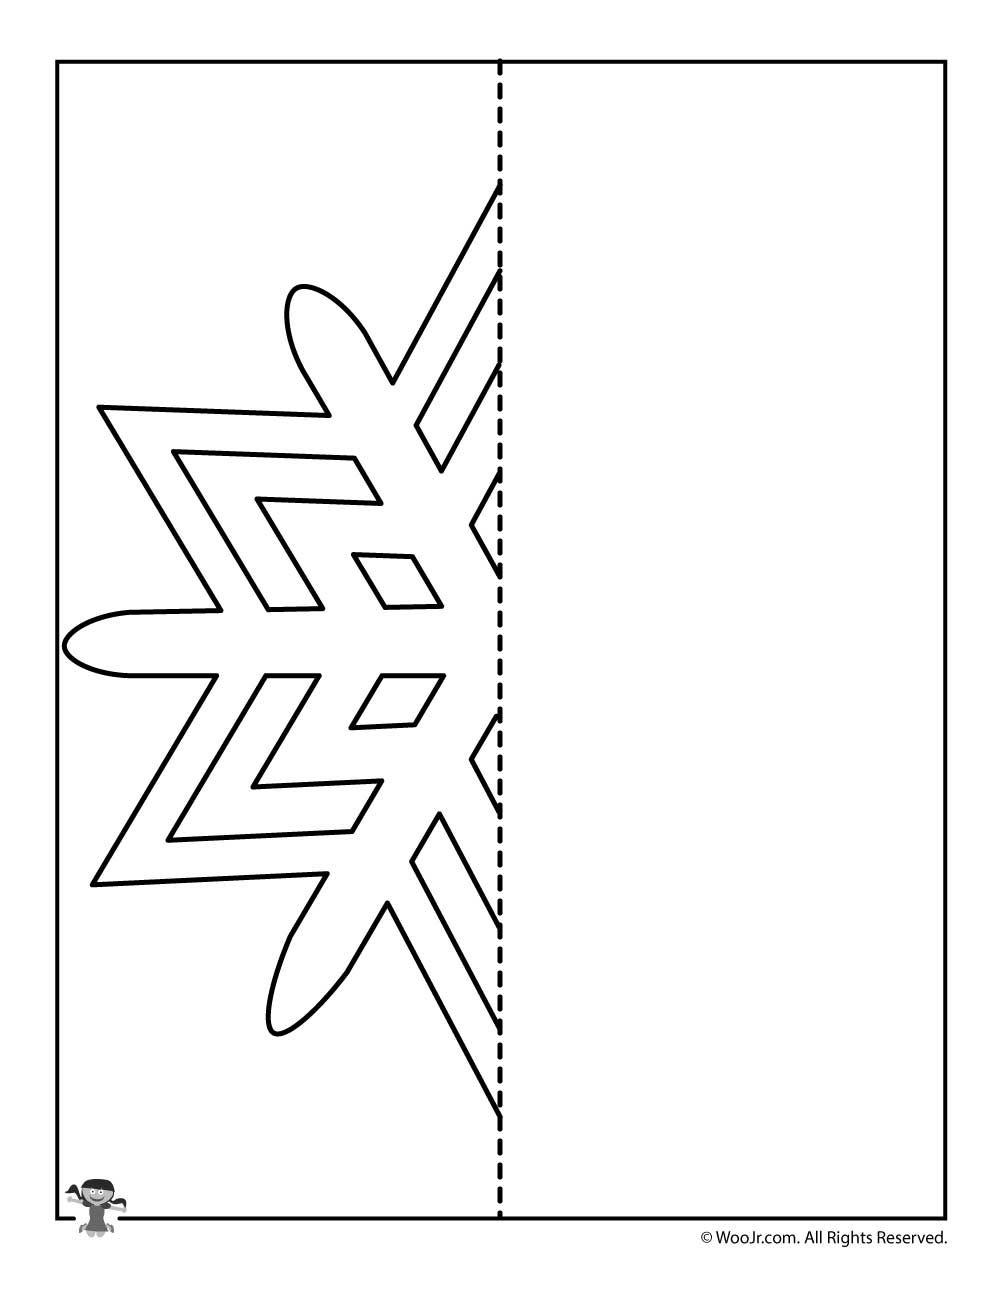 Snowflake Symmetry Drawing Practice Worksheet Woo Jr Kids Activities Mirror Drawings Symmetry Activities Art Therapy Activities [ 1294 x 1000 Pixel ]